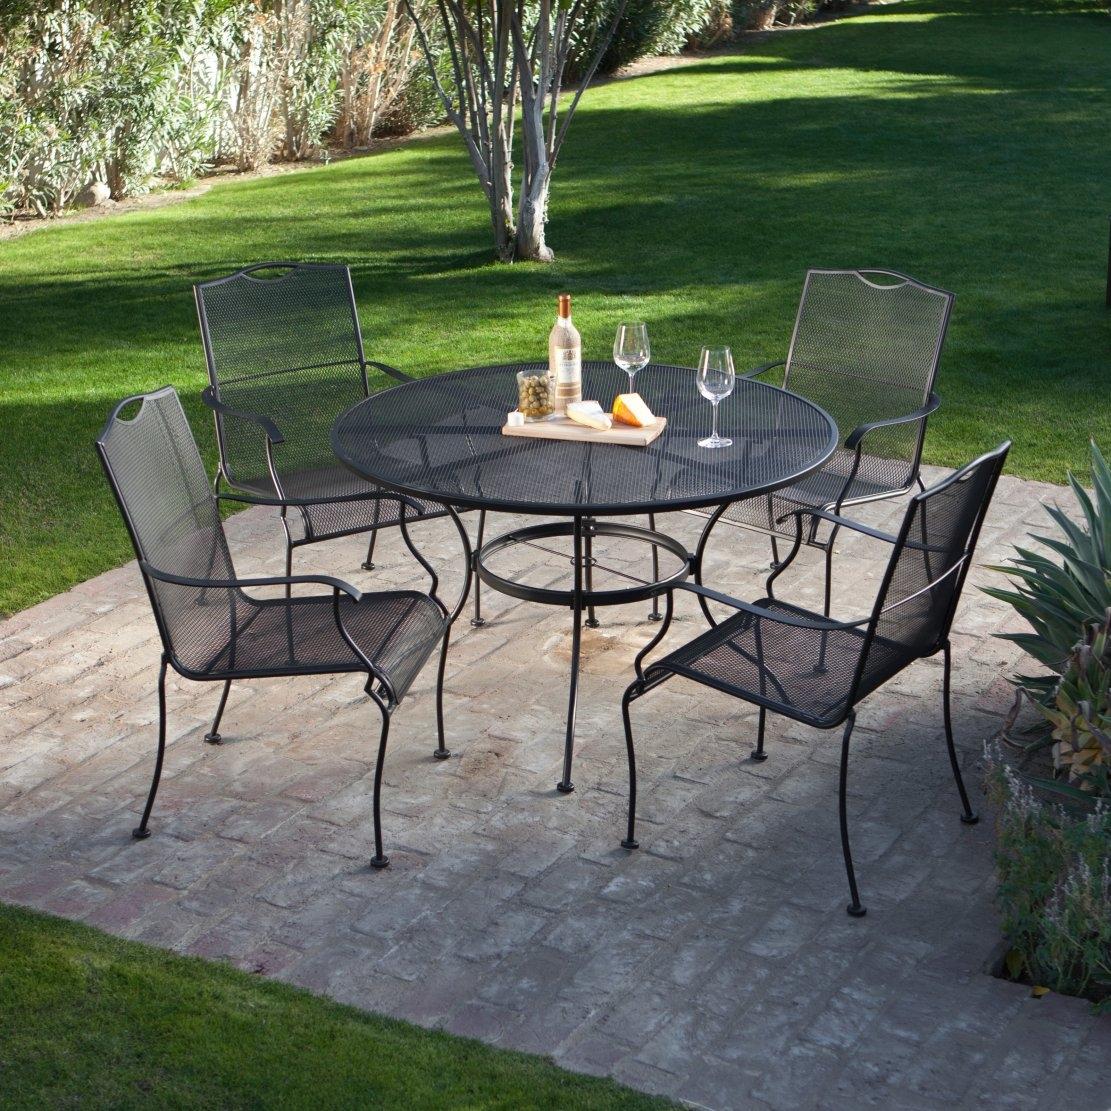 5-piece wrought iron patio furniture dining set - seats 4 KXJGASN